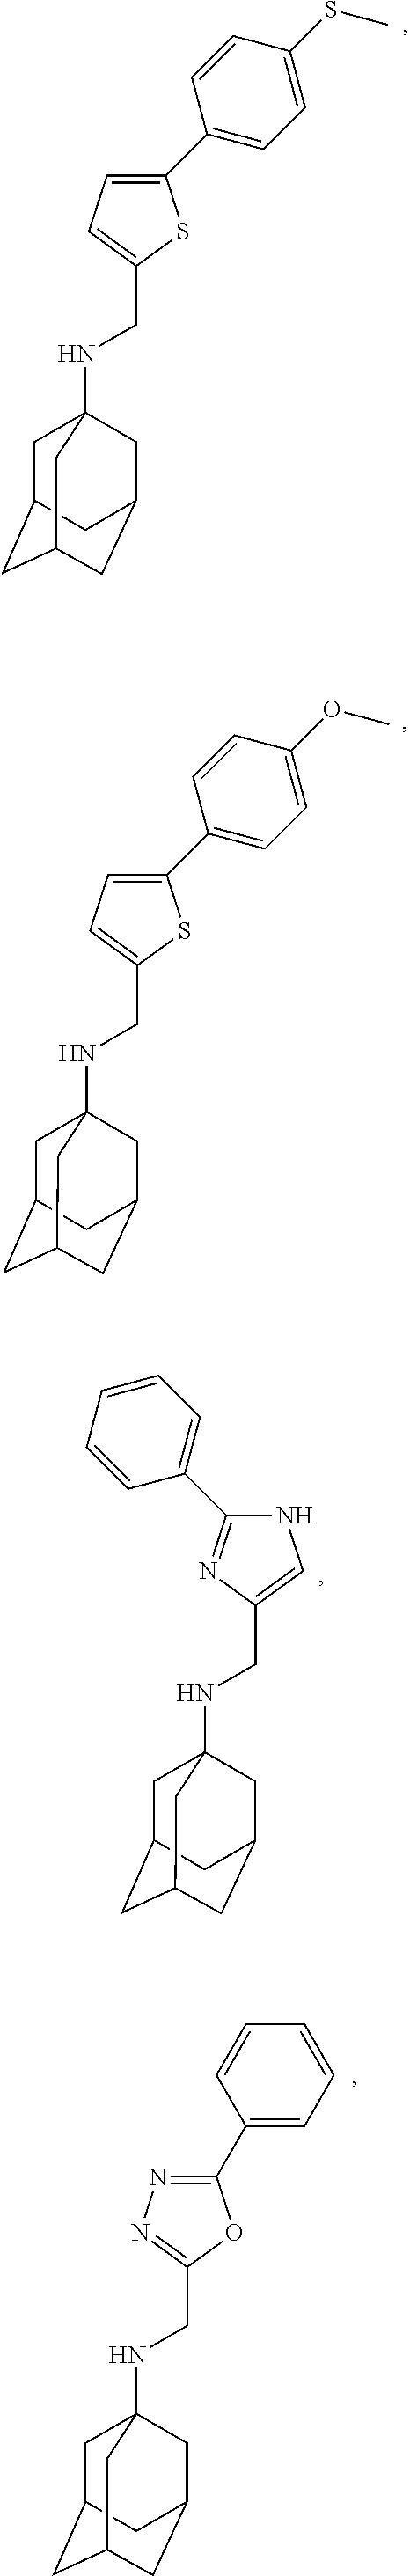 Figure US09884832-20180206-C00051